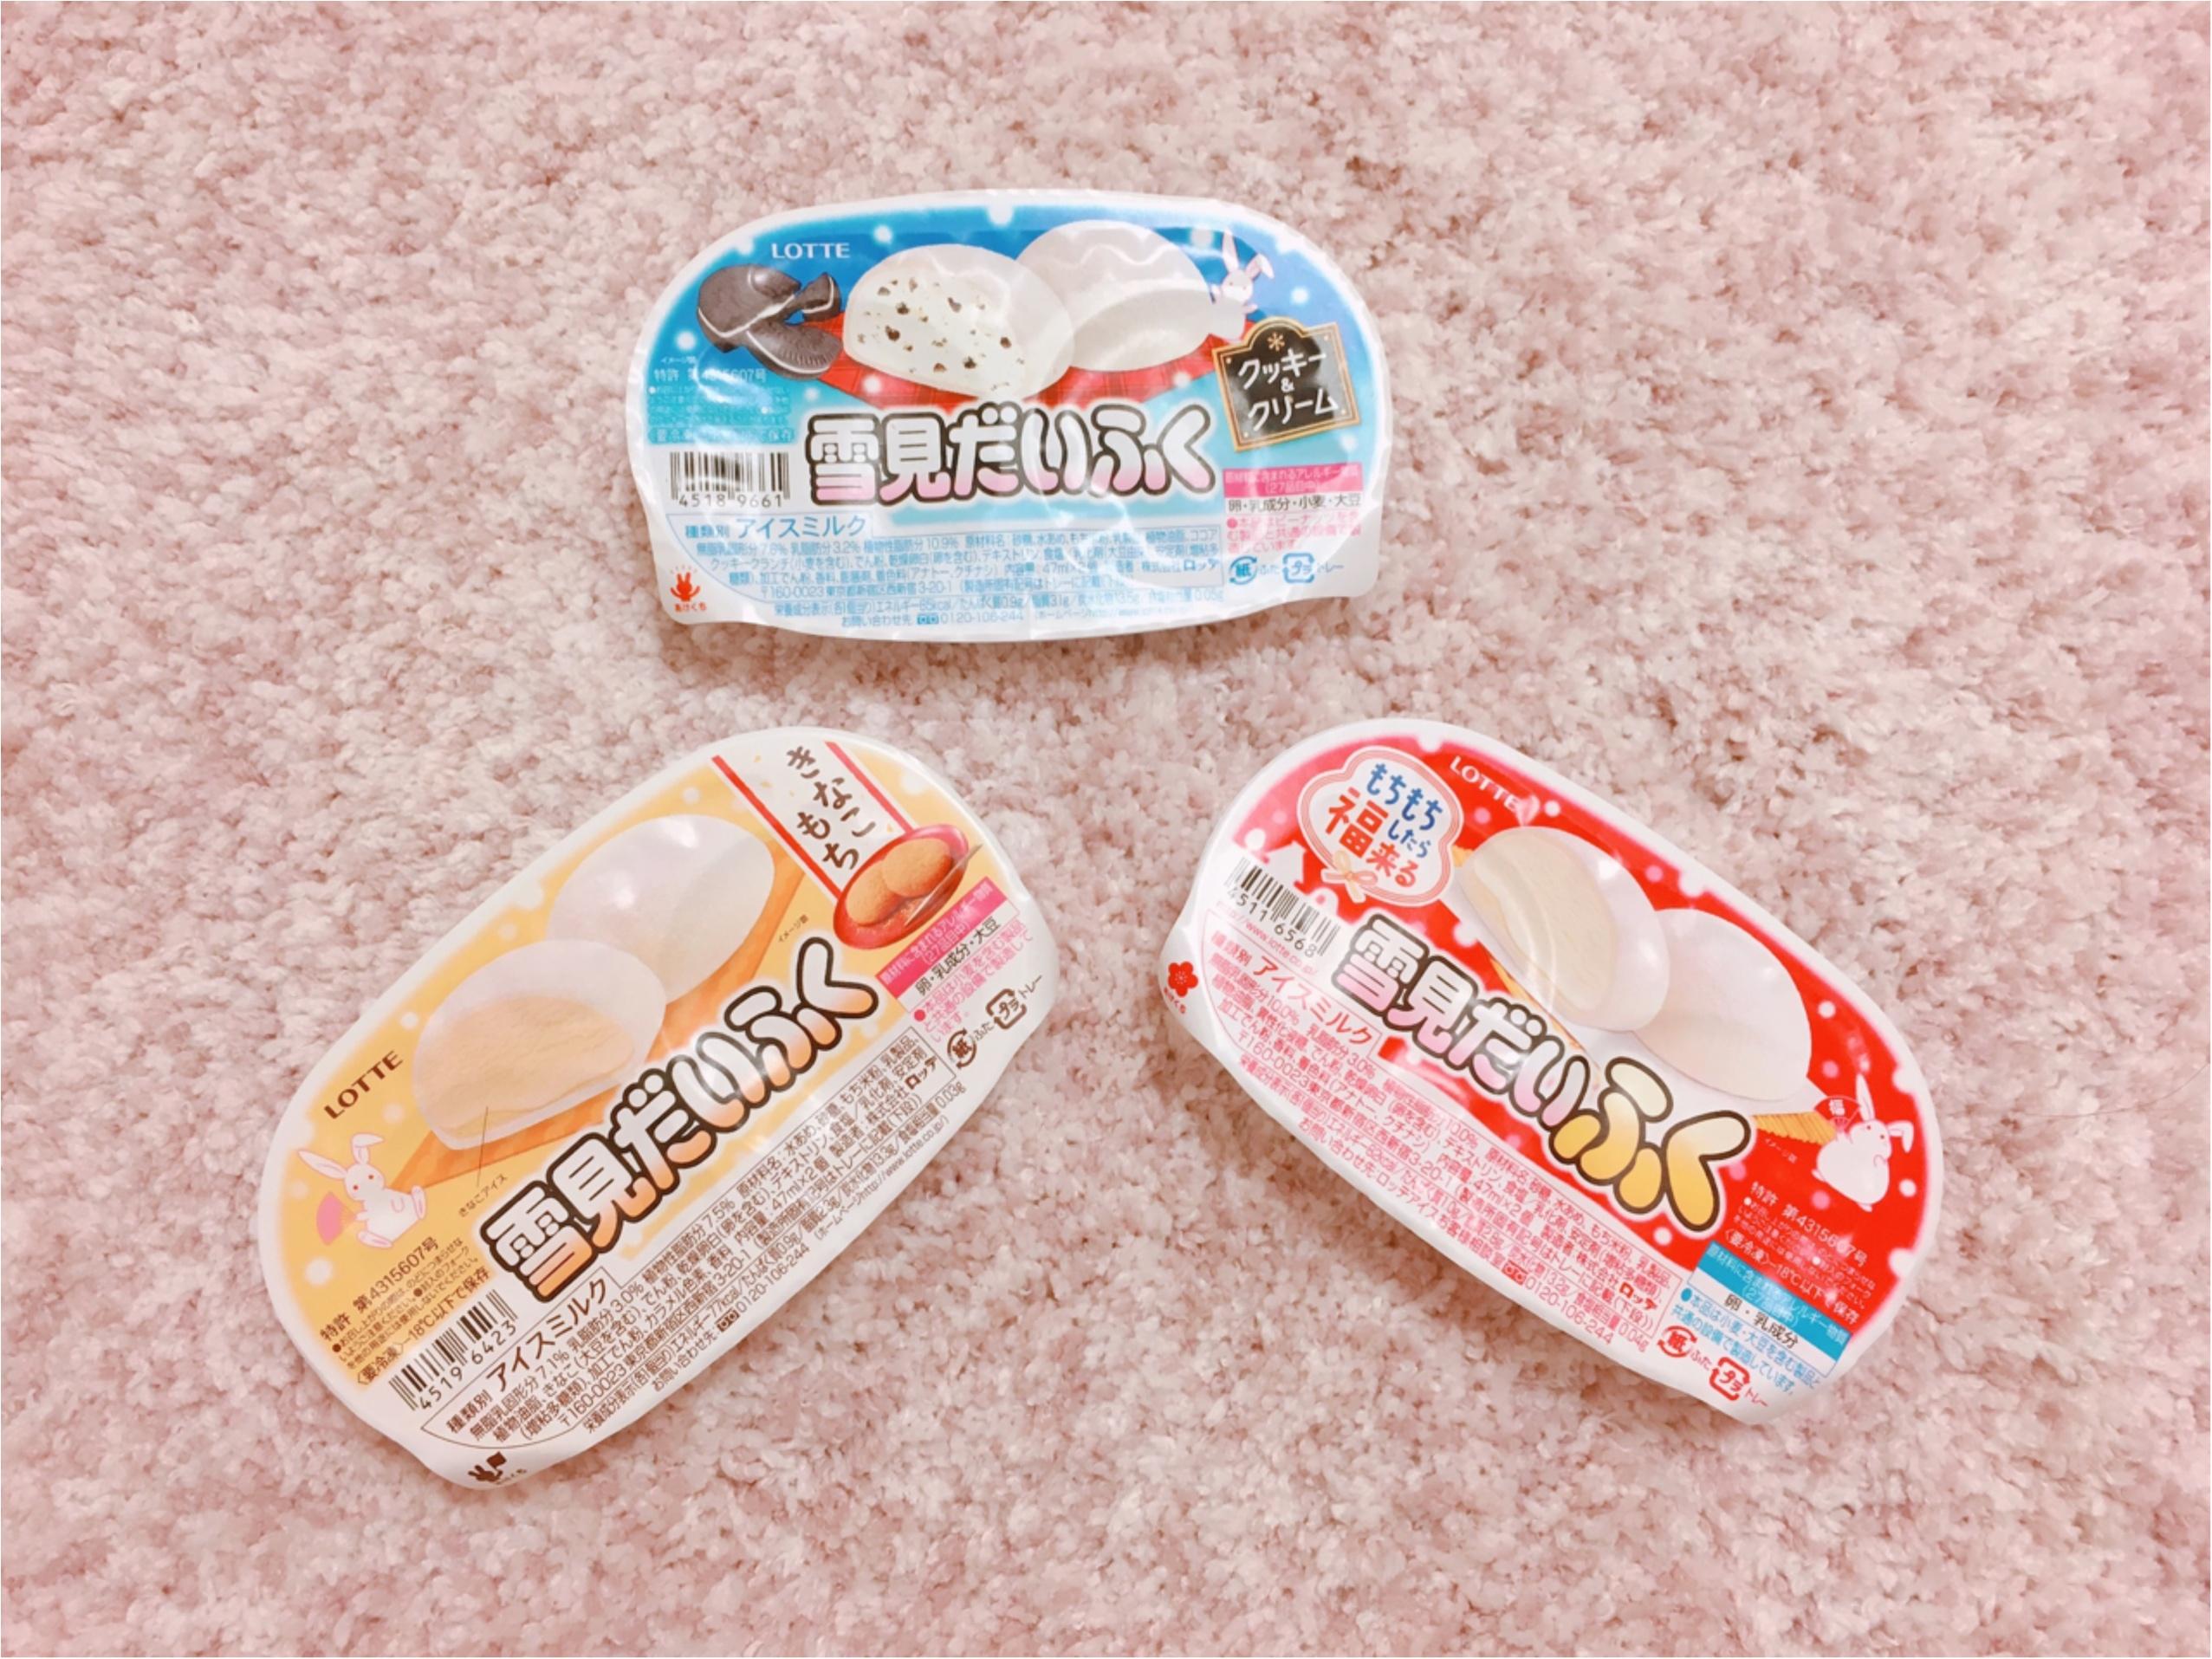 【雪見だいふく】季節限定も合わせて3種食べ比べレポート_1